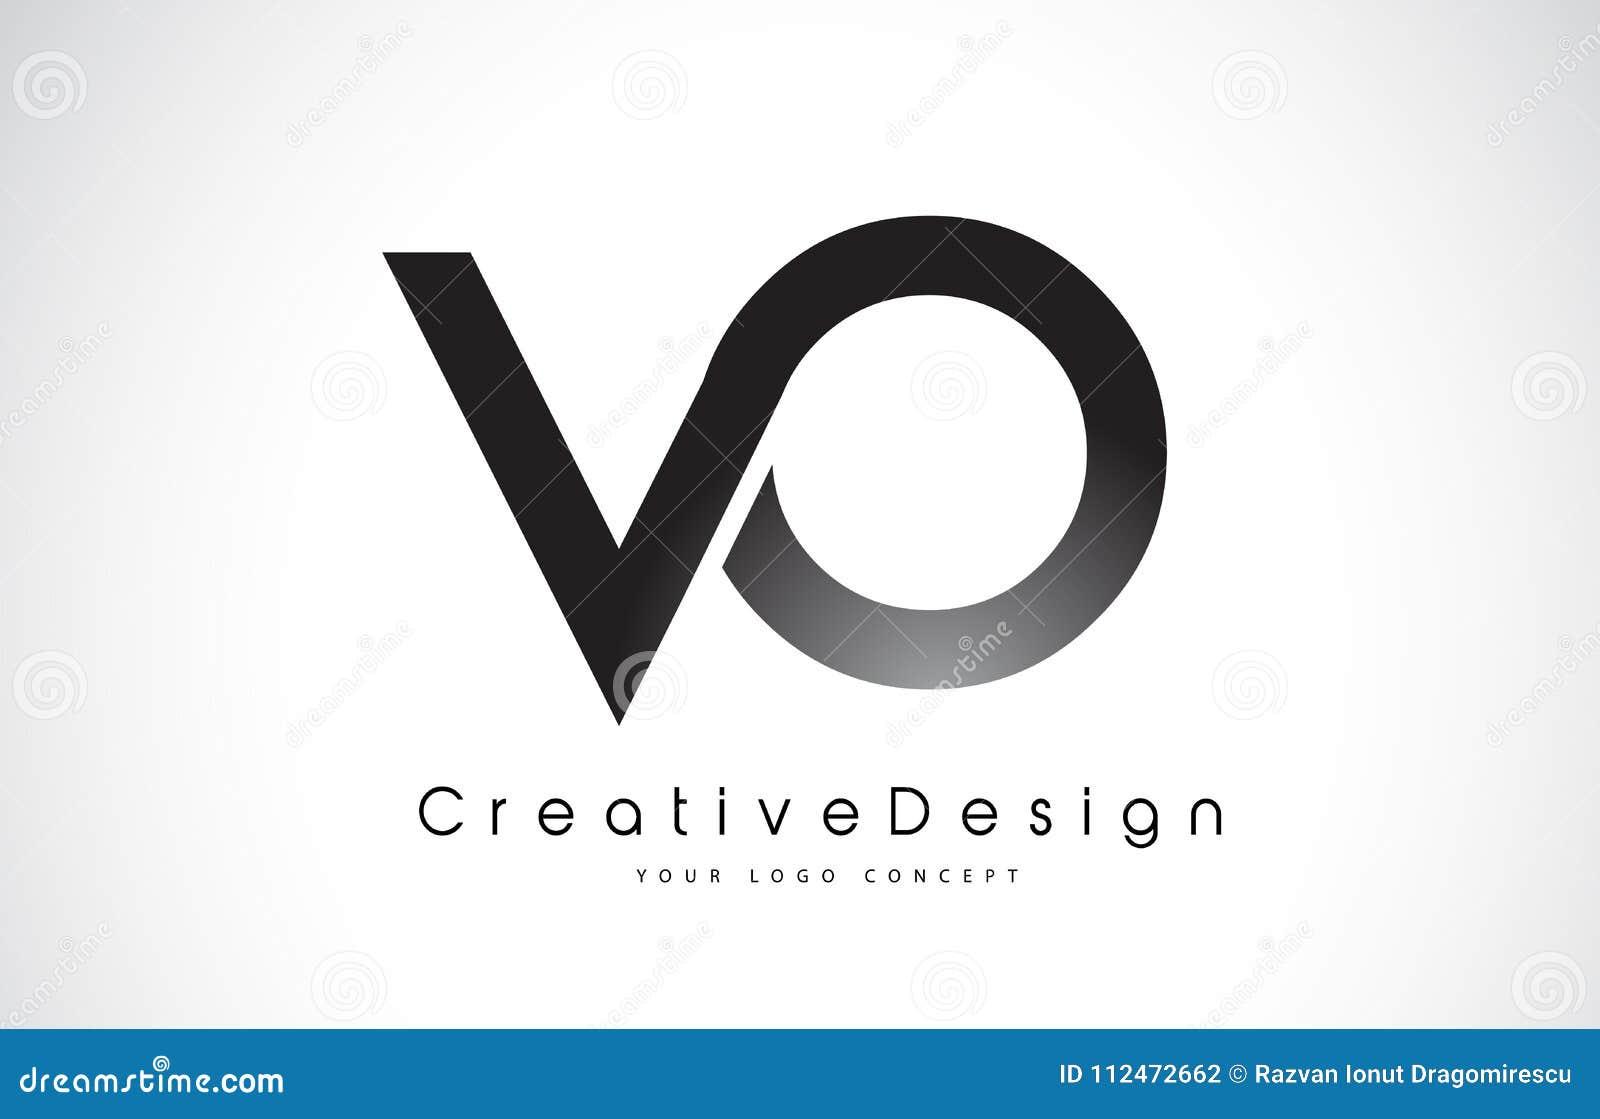 Buchstabe Logo Design Vl V O Kreative Ikonen Moderner Buchstabe